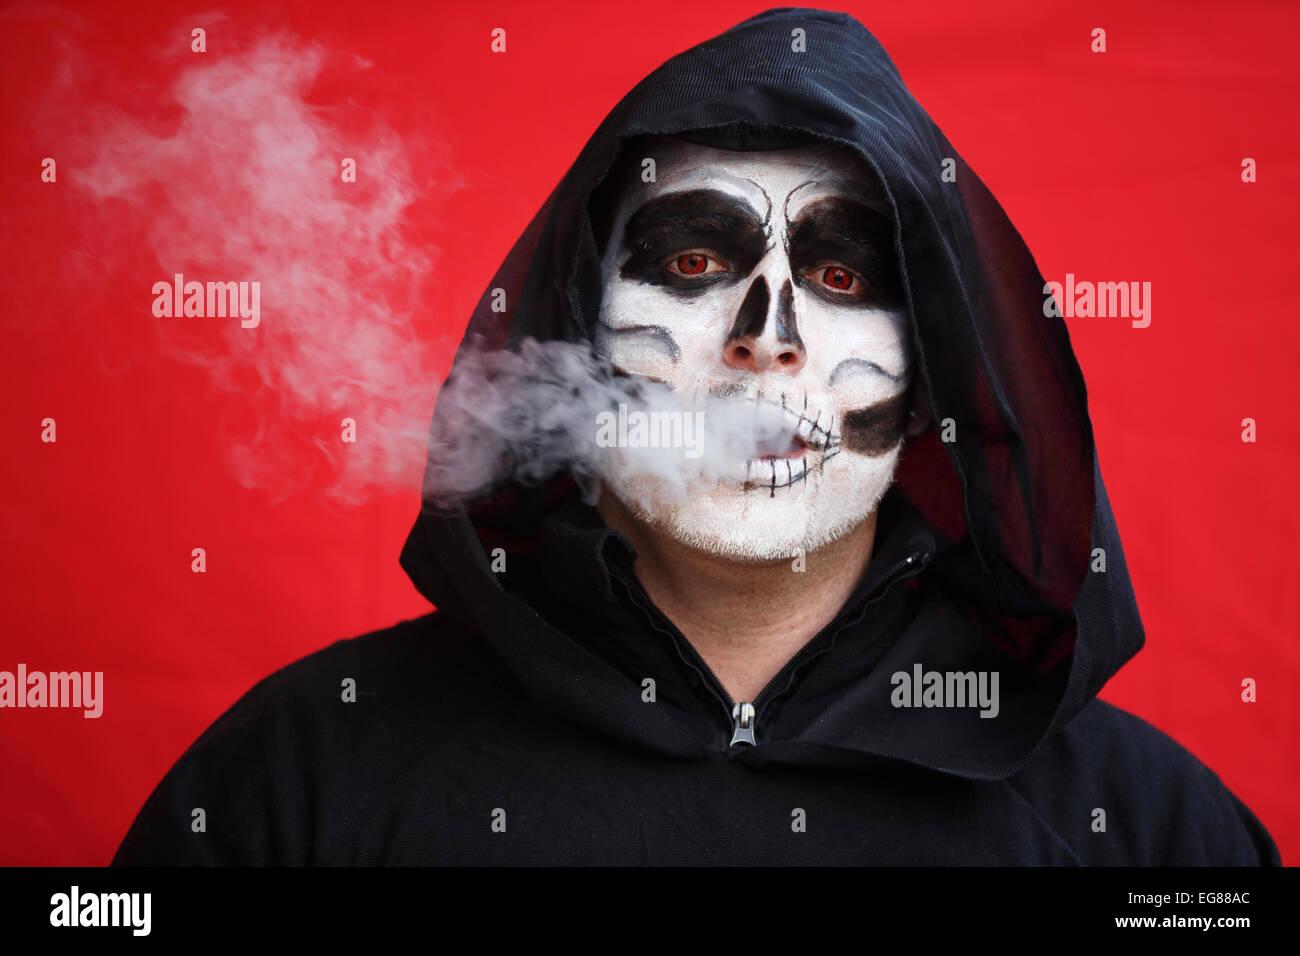 GER, 20150210, maskierte Mann Stockbild